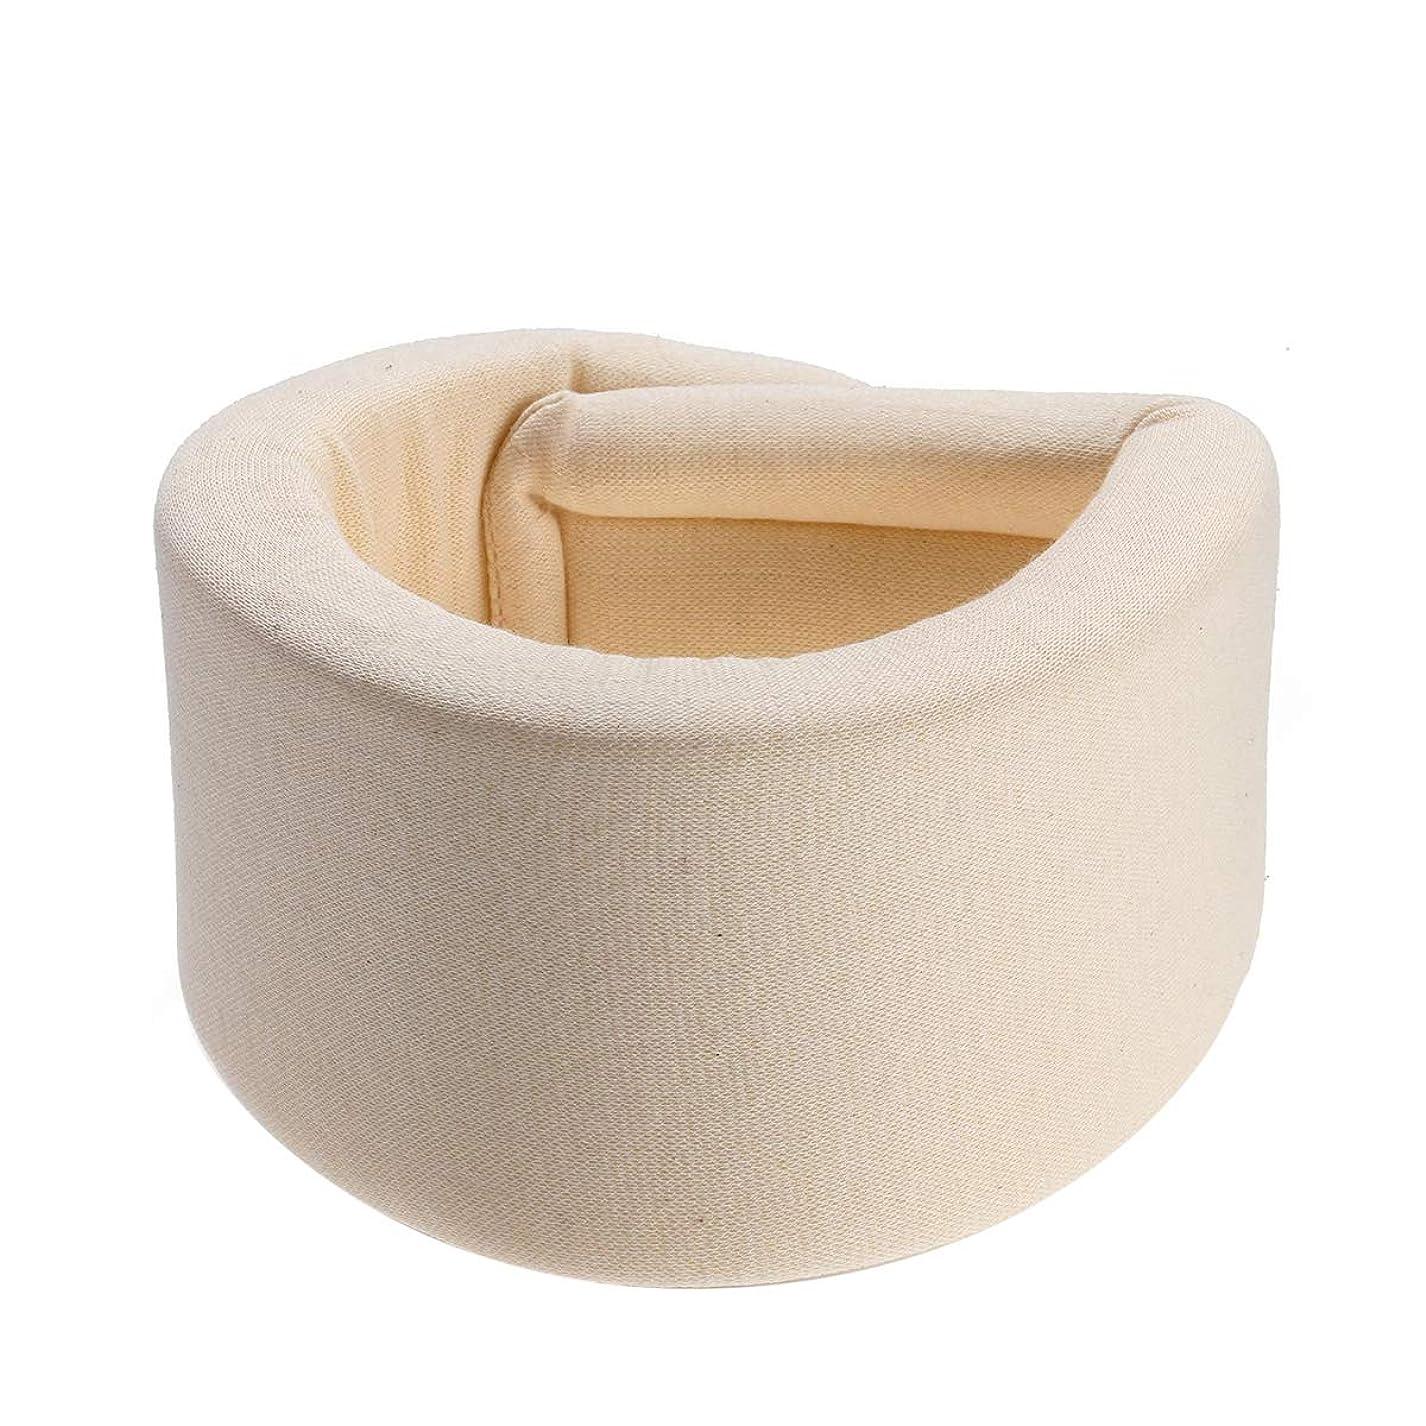 家具商人聡明HEALLILY 首装具サポートスポンジ頸部襟首の痛みを防ぐネックケア姿勢矯正器具(ベージュ) - サイズL